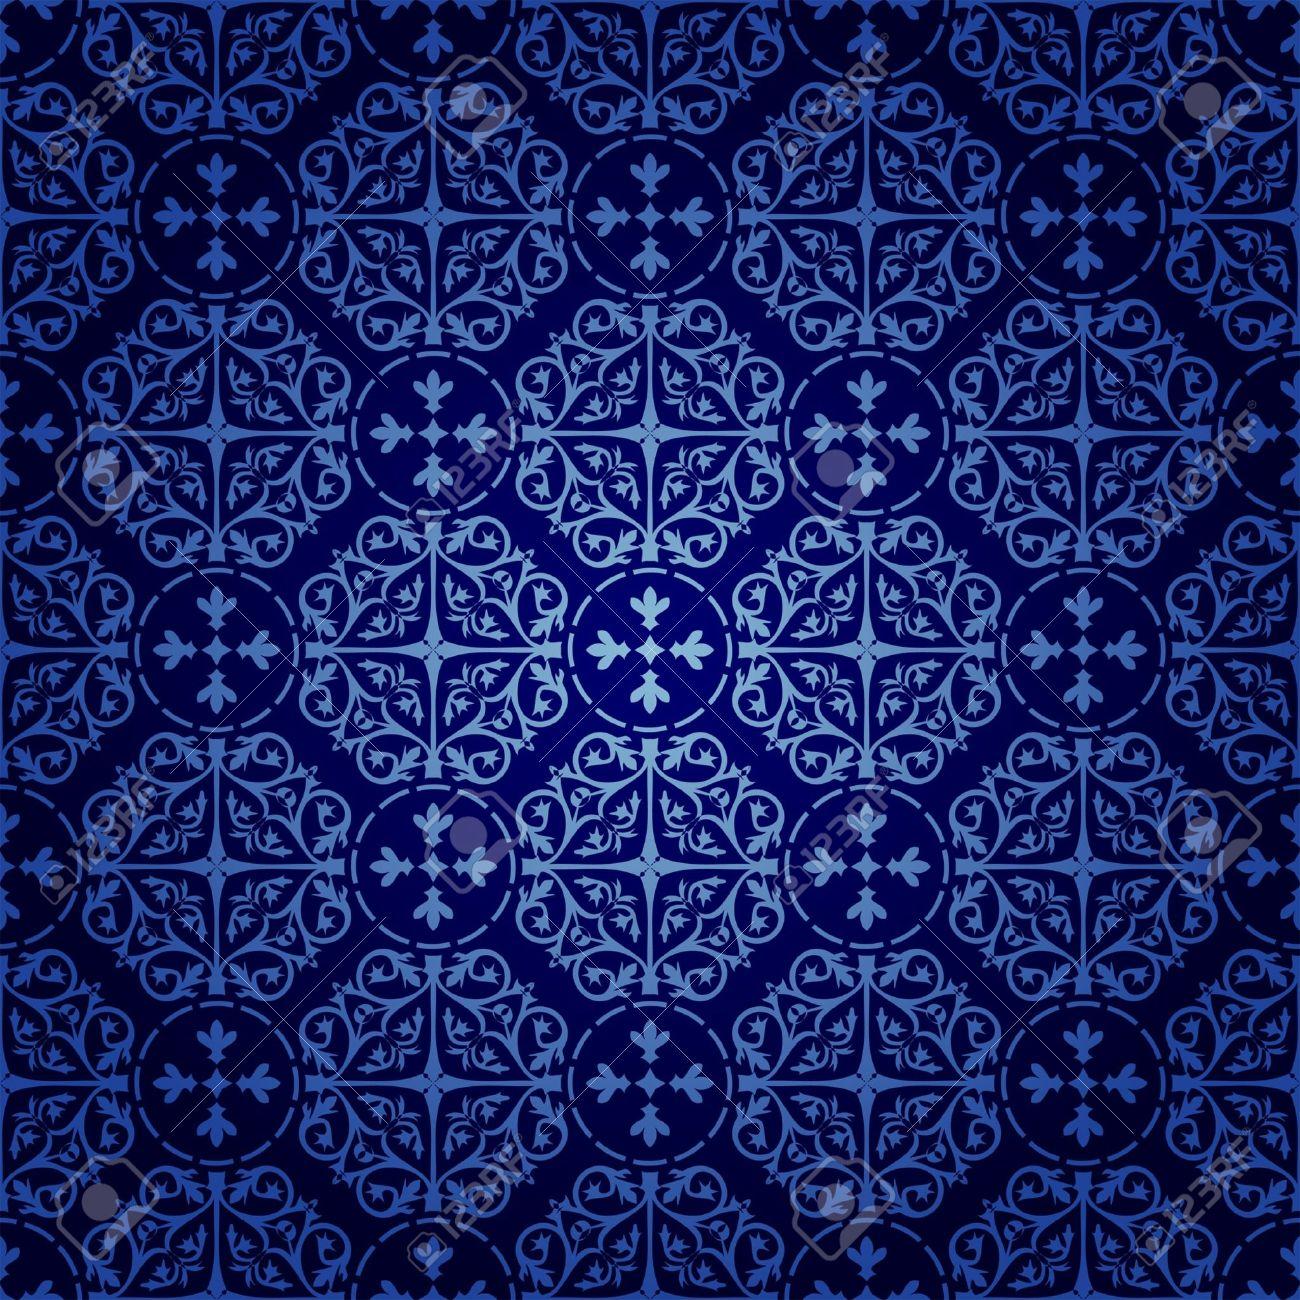 シームレスなゴシック様式の壁紙のイラスト素材 ベクタ Image 14072732